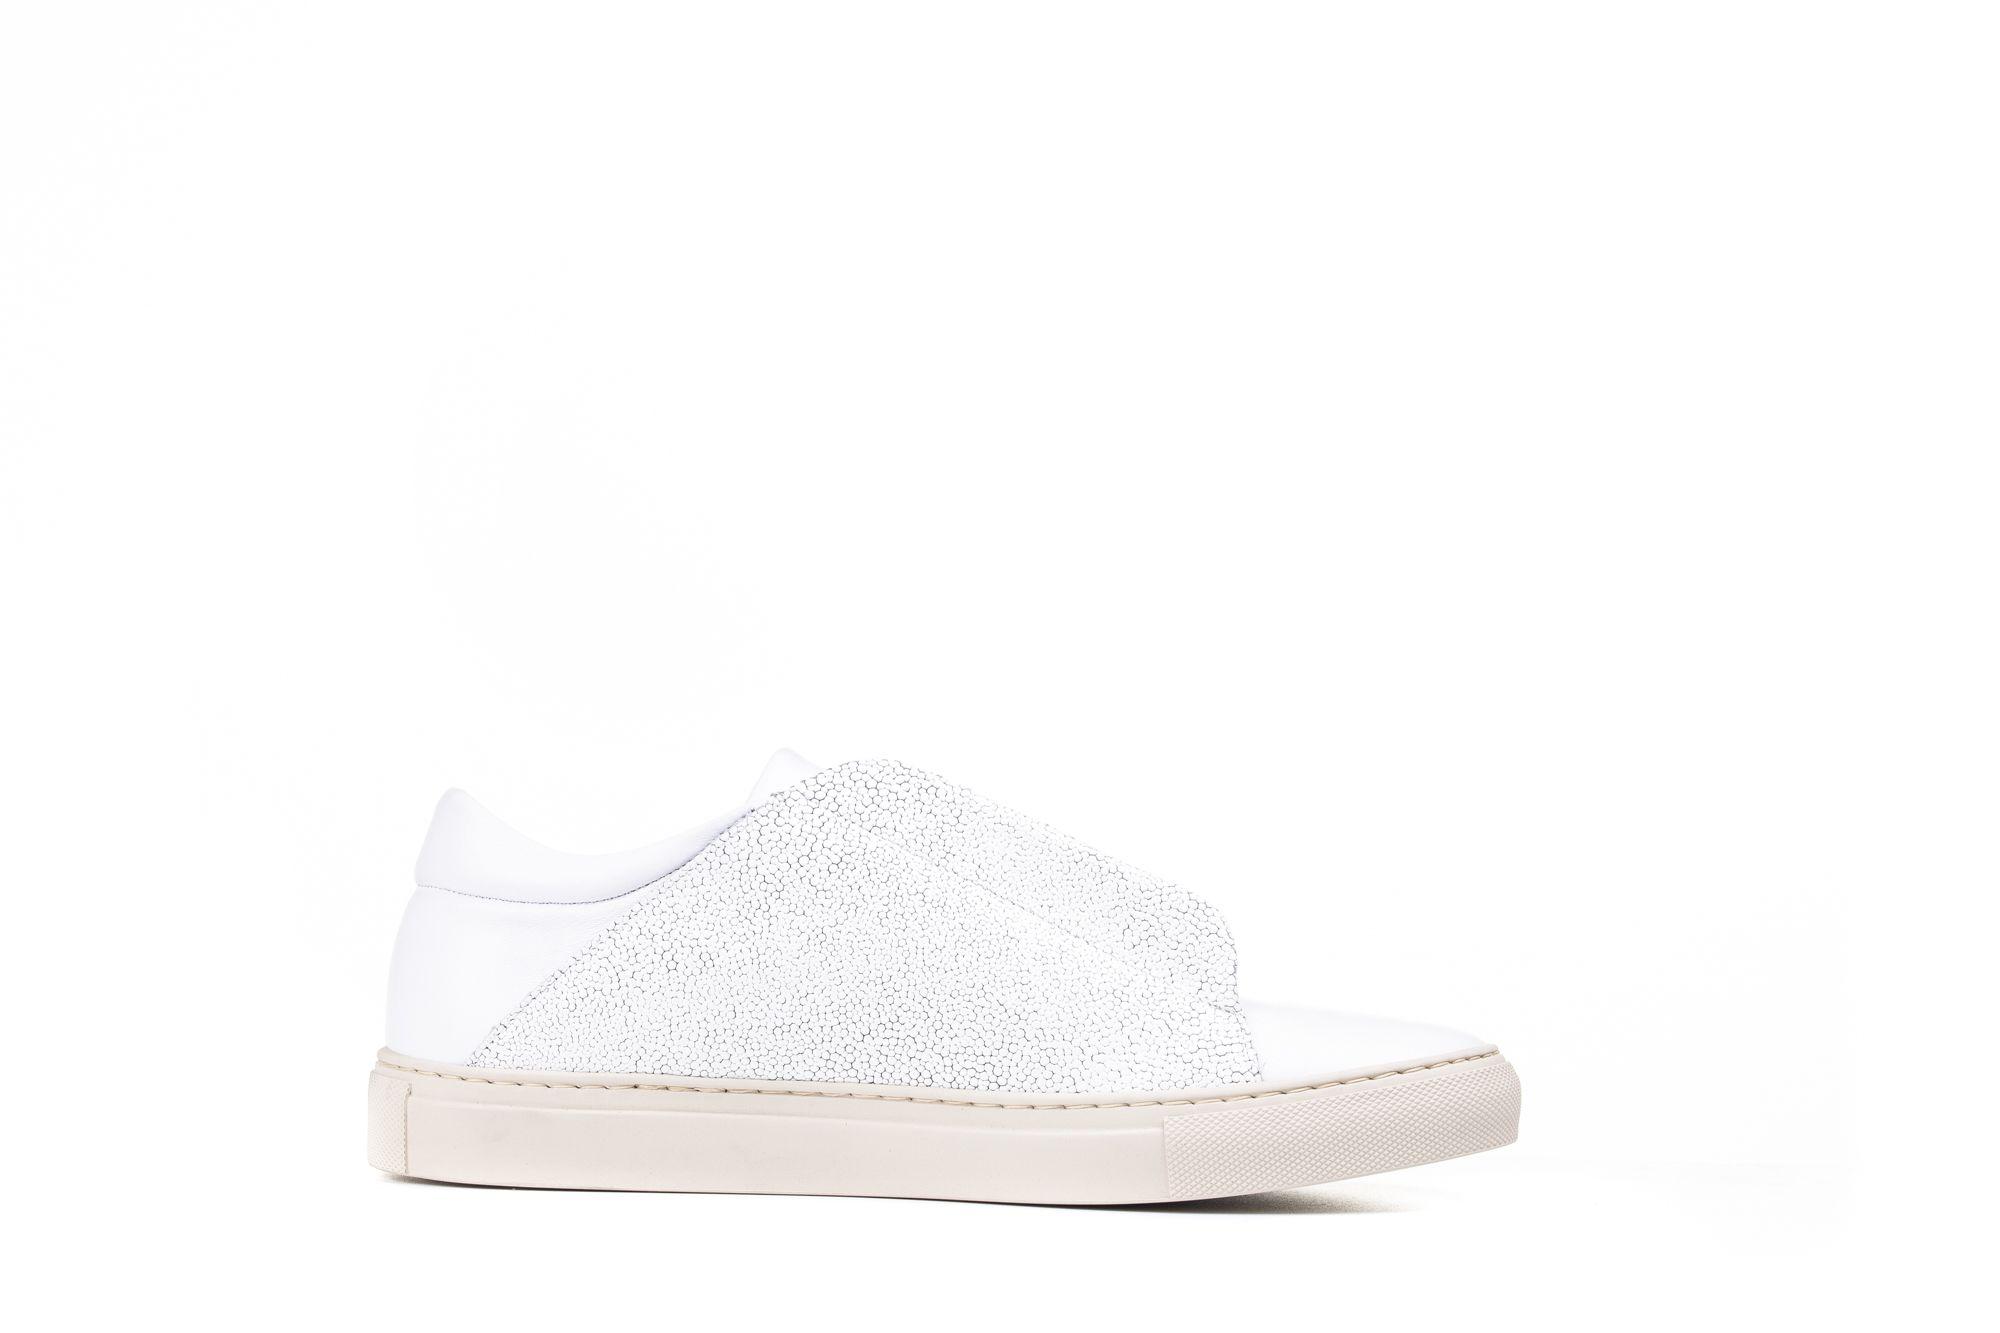 Ylati Yl59 Nerone Low Sneakers